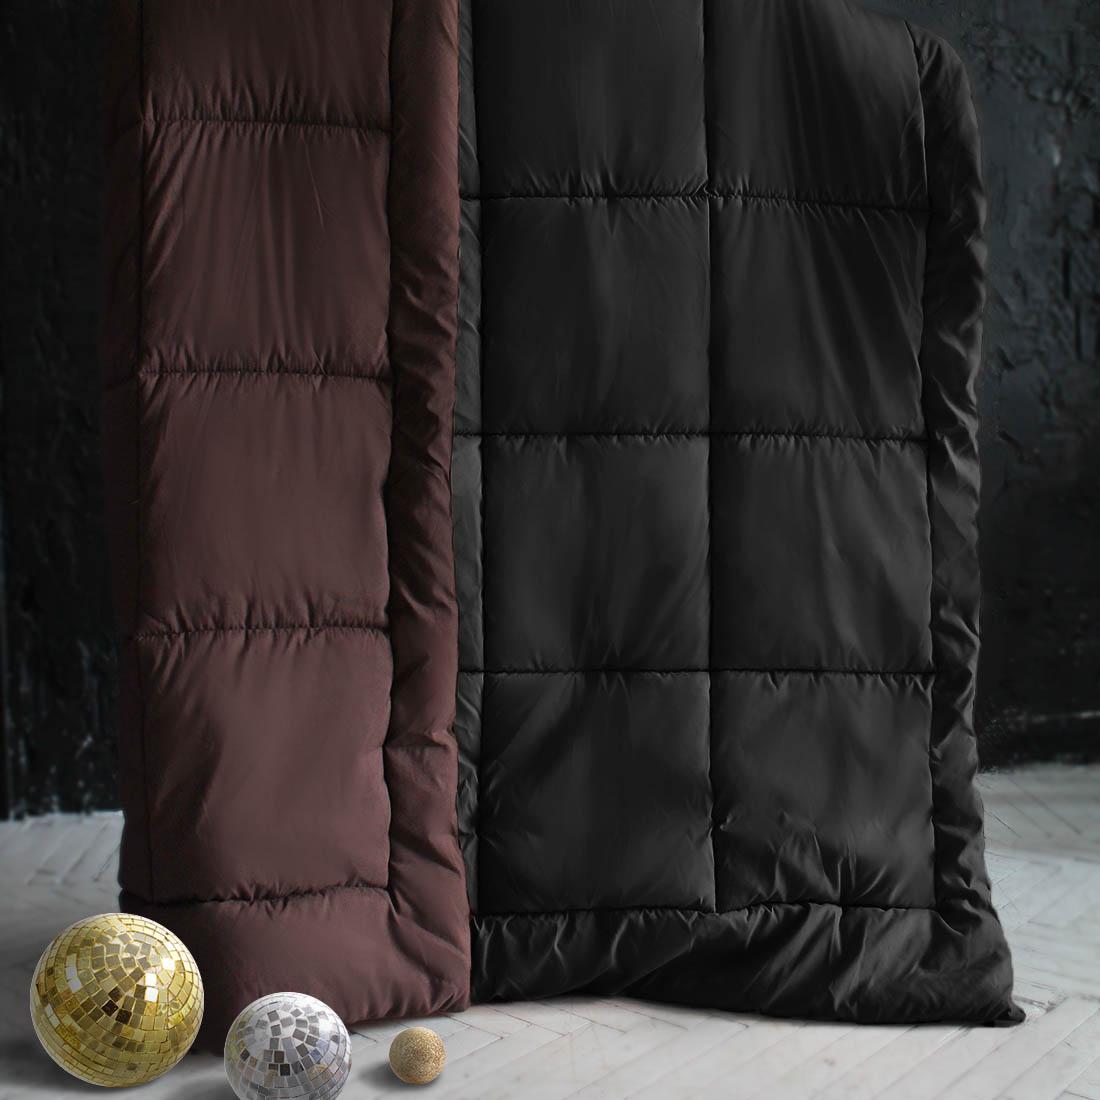 Одеяла Sleep iX Одеяло MiltiColorЦвет: Темно-Коричневый/Черный (175х205 см) siemens lc 91 ba 582 ix